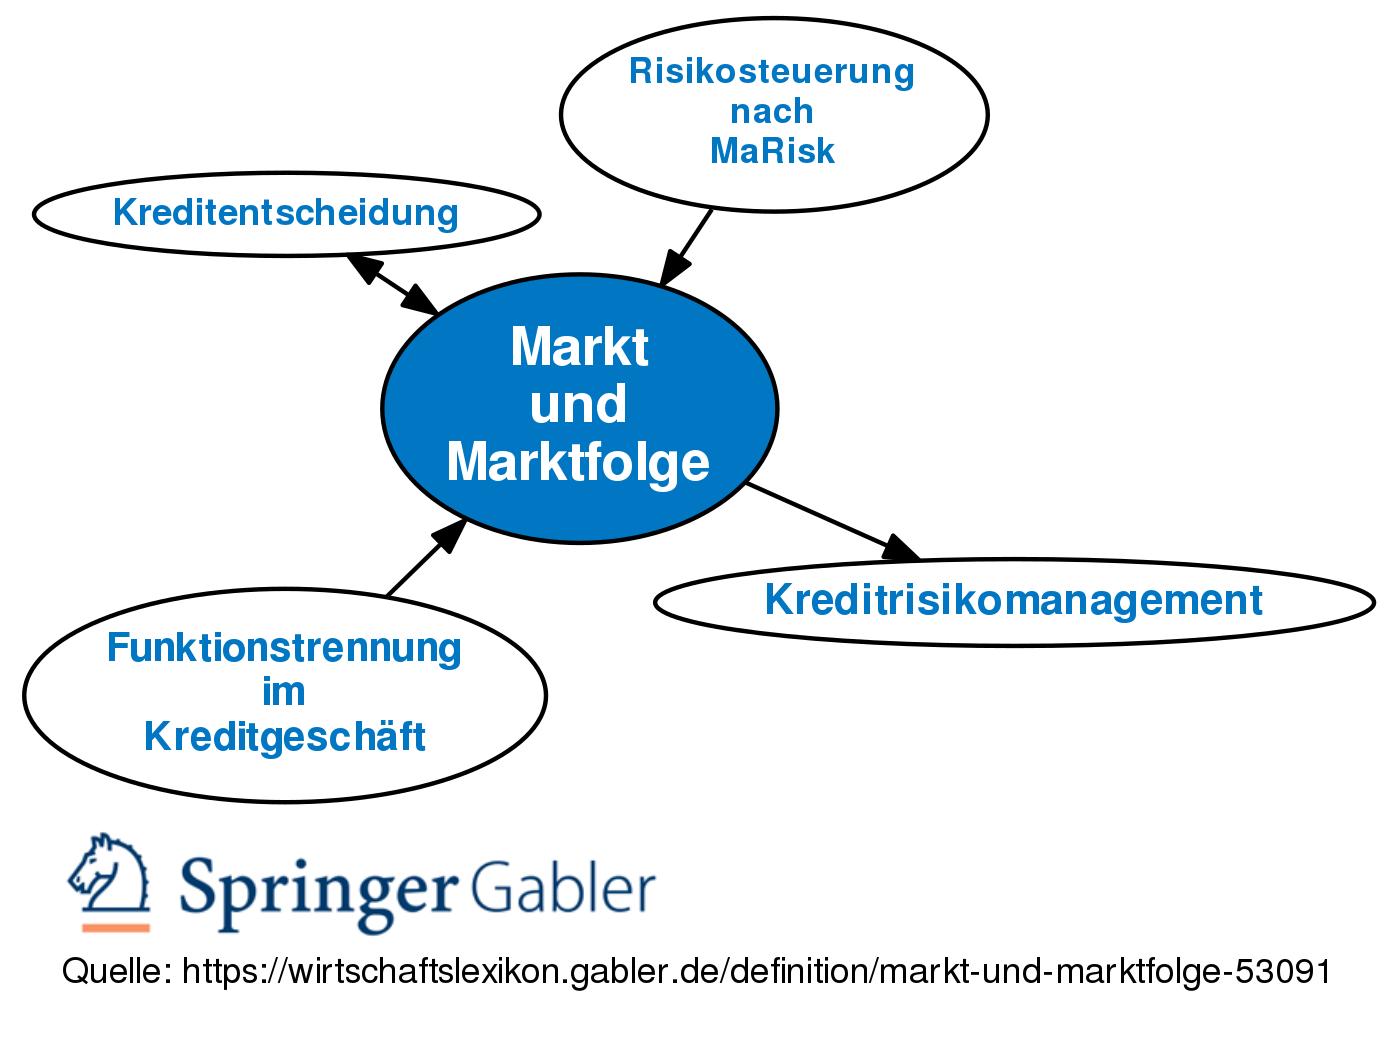 marktfolge